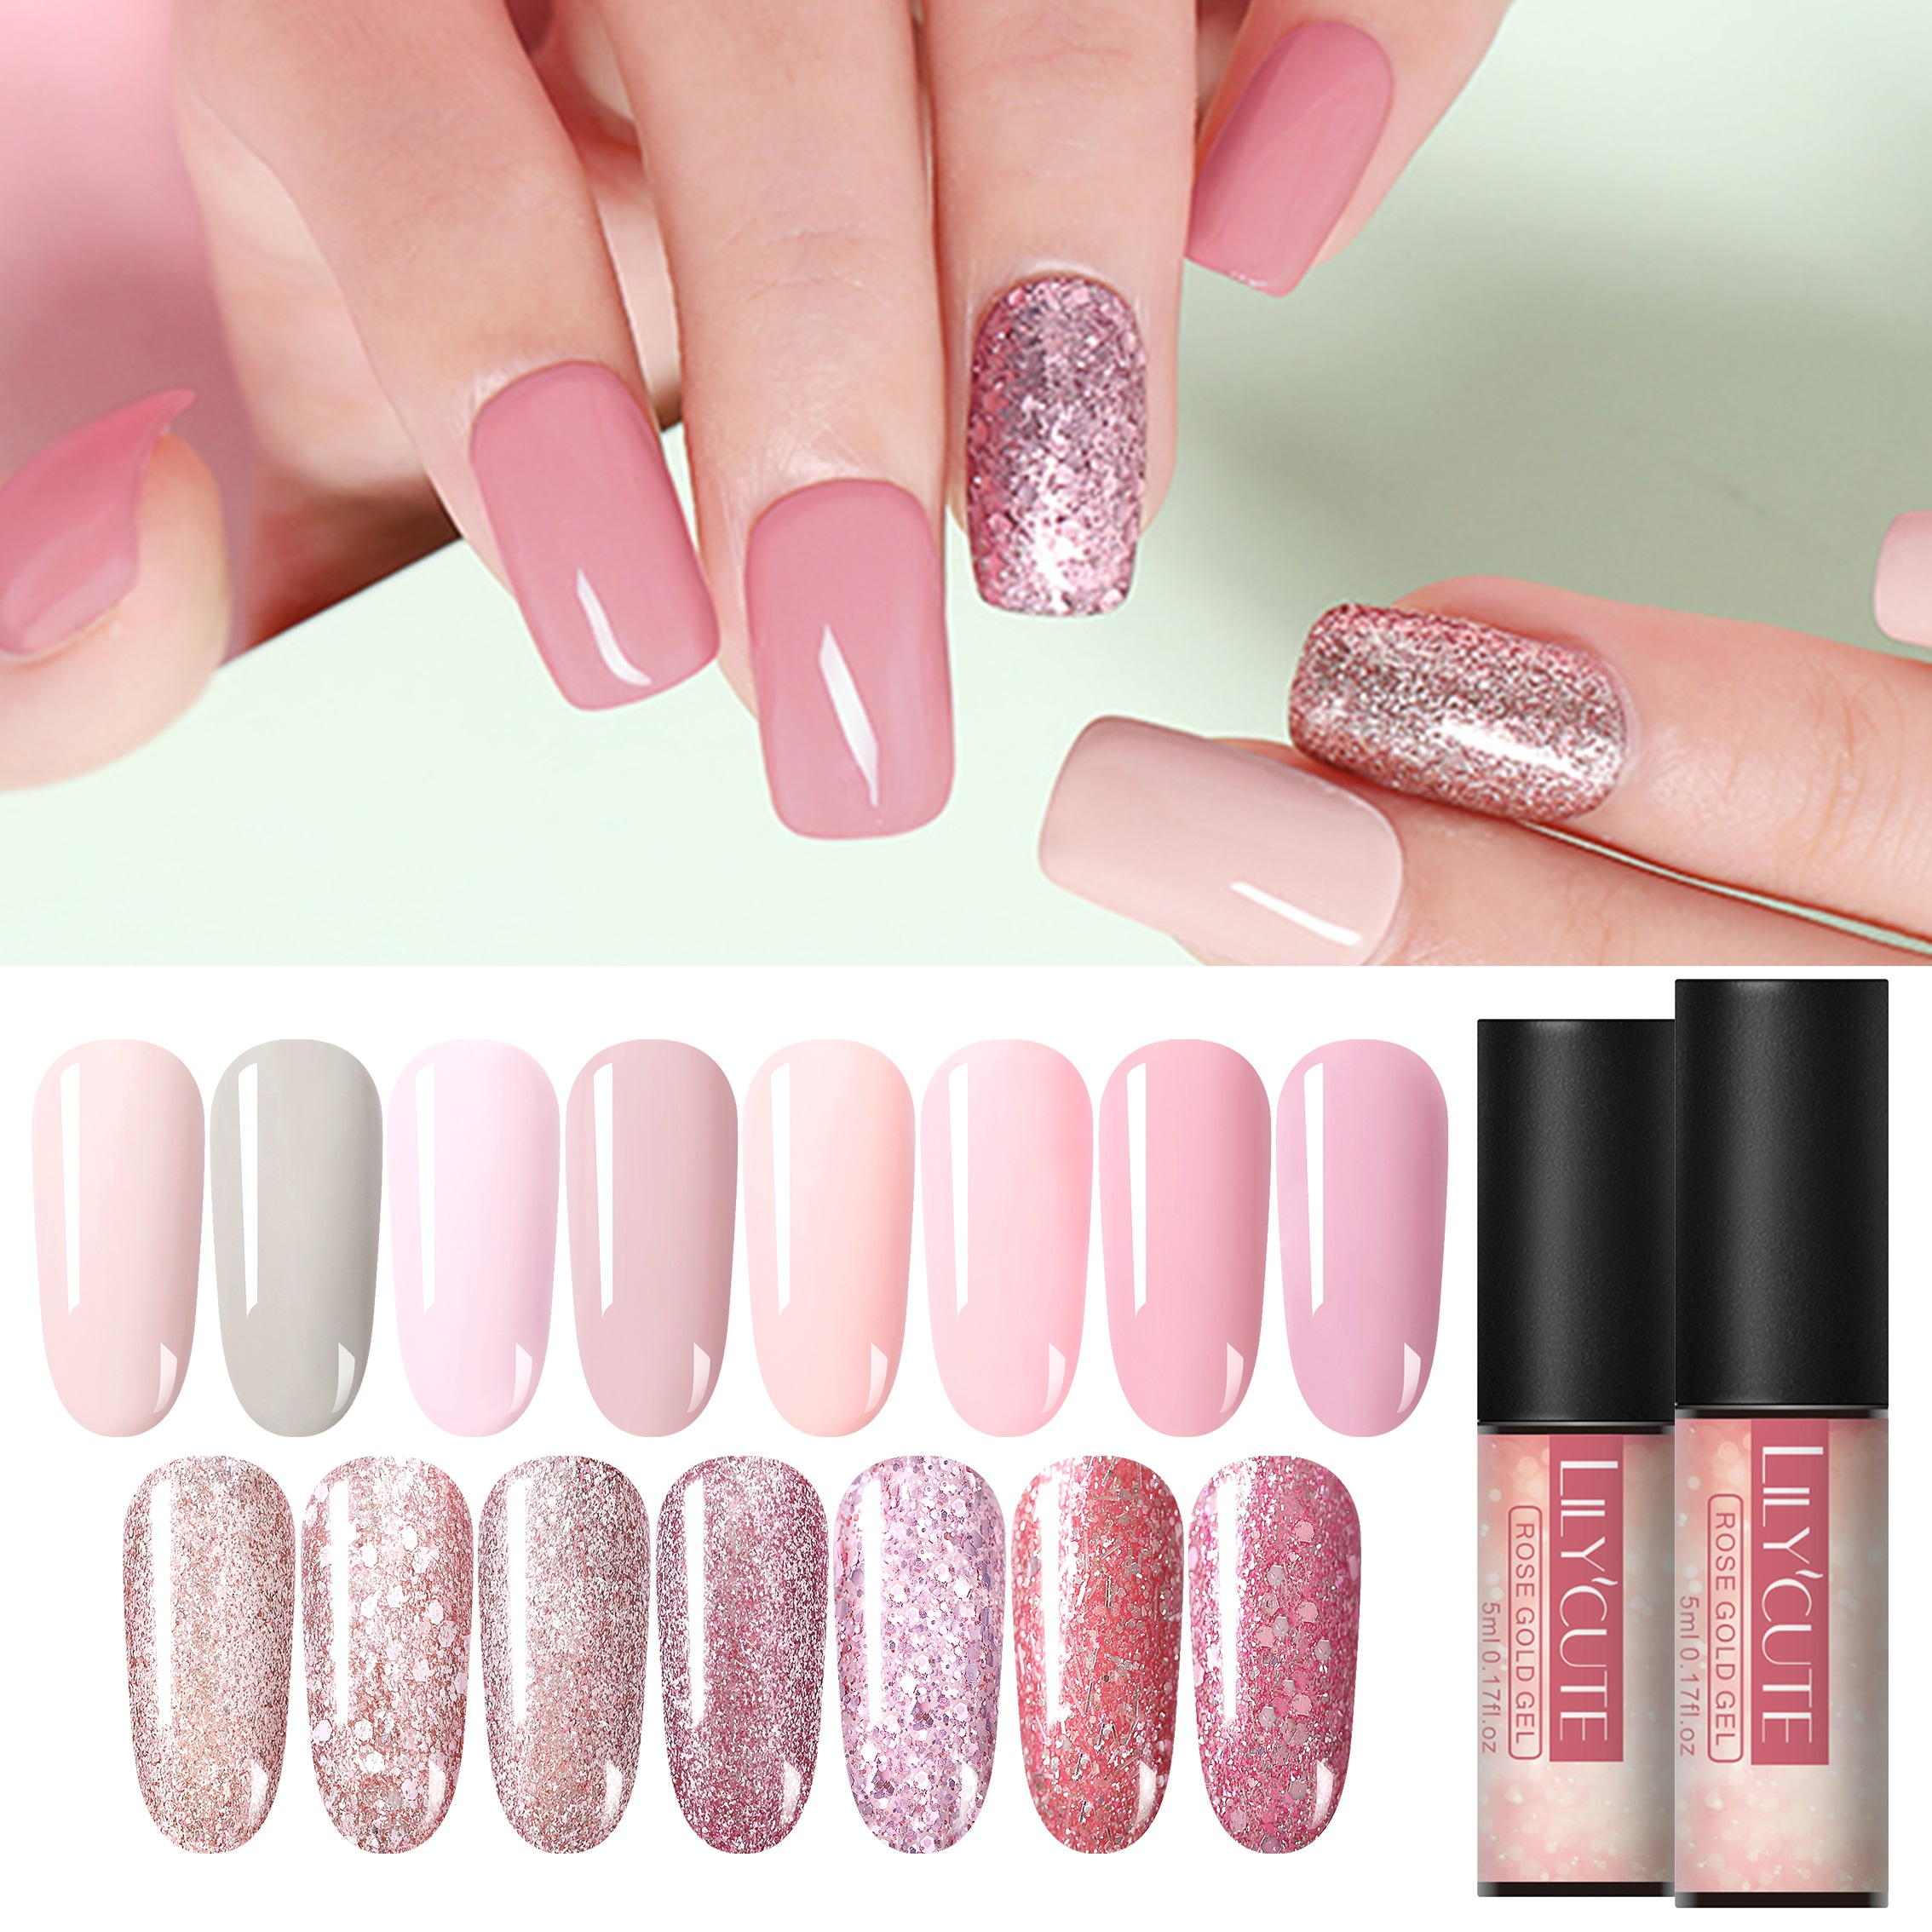 LILYCUTE, розовое золото, УФ-Гель-лак, замачиваемые Блестки для ногтей, лак для ногтей, долговечный, замачиваемый, Сияющий УФ-Гель-лак для ногтей